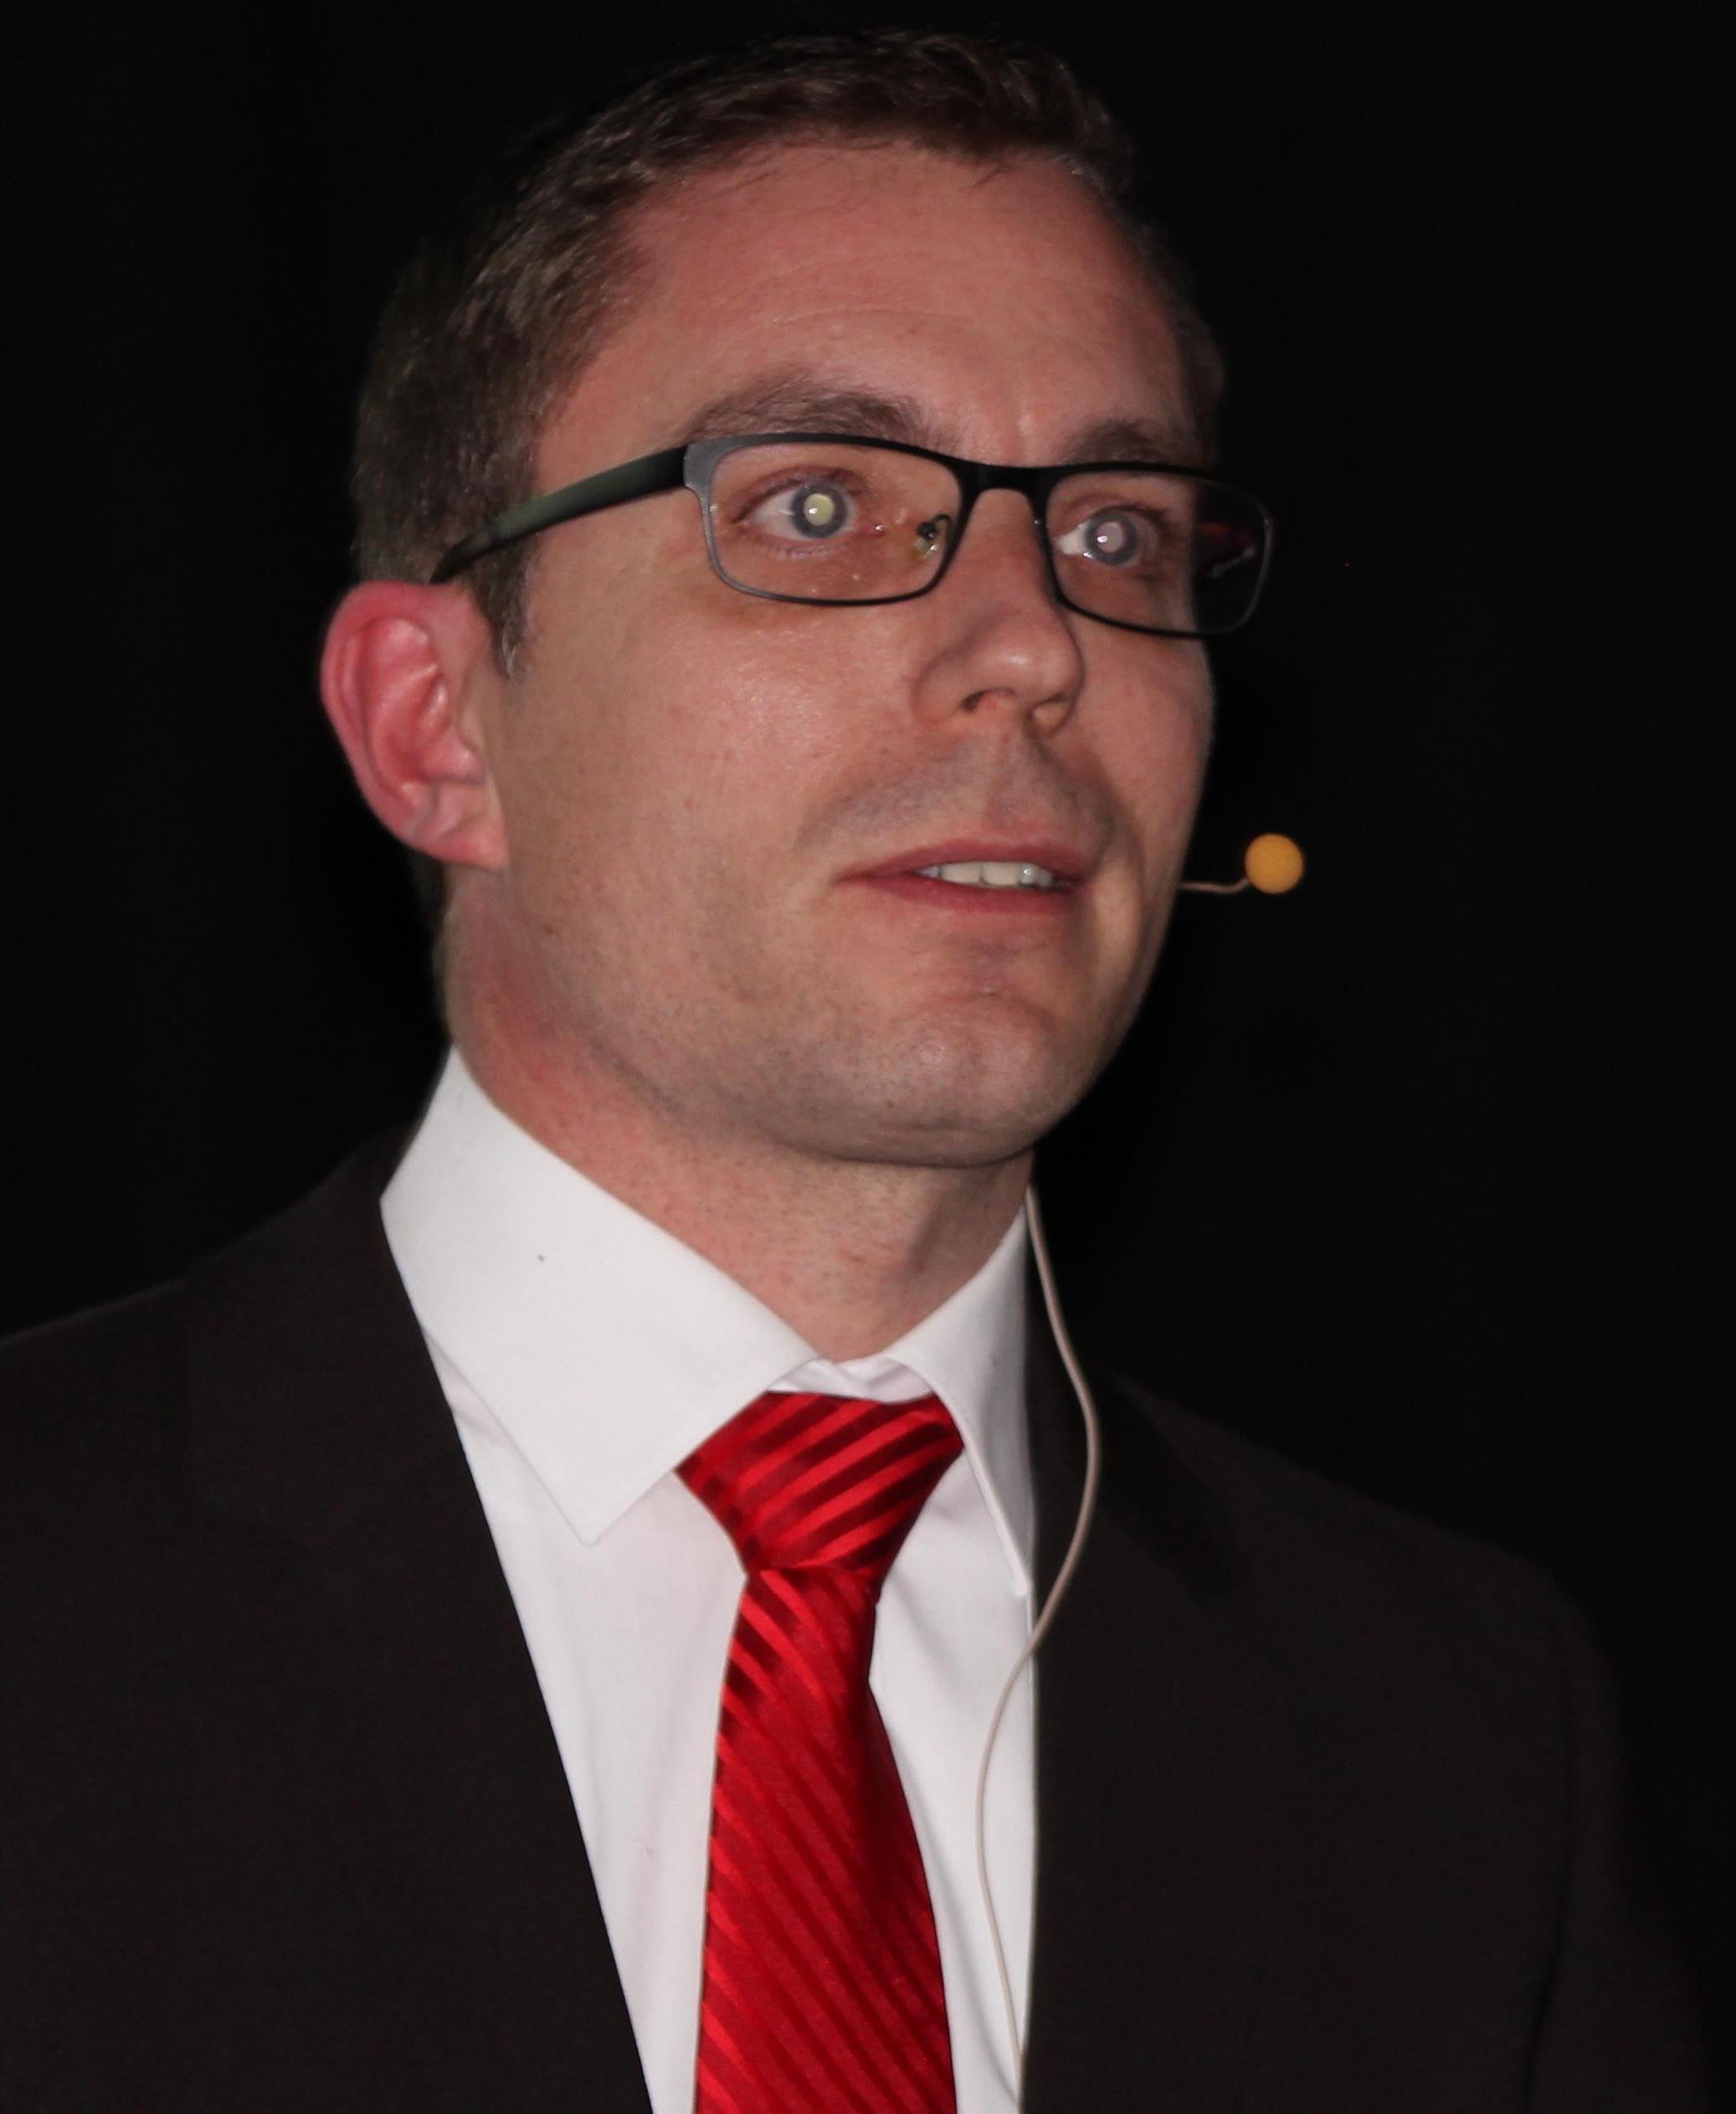 Holger_Stutzke_BANKINGCLUB_audio2